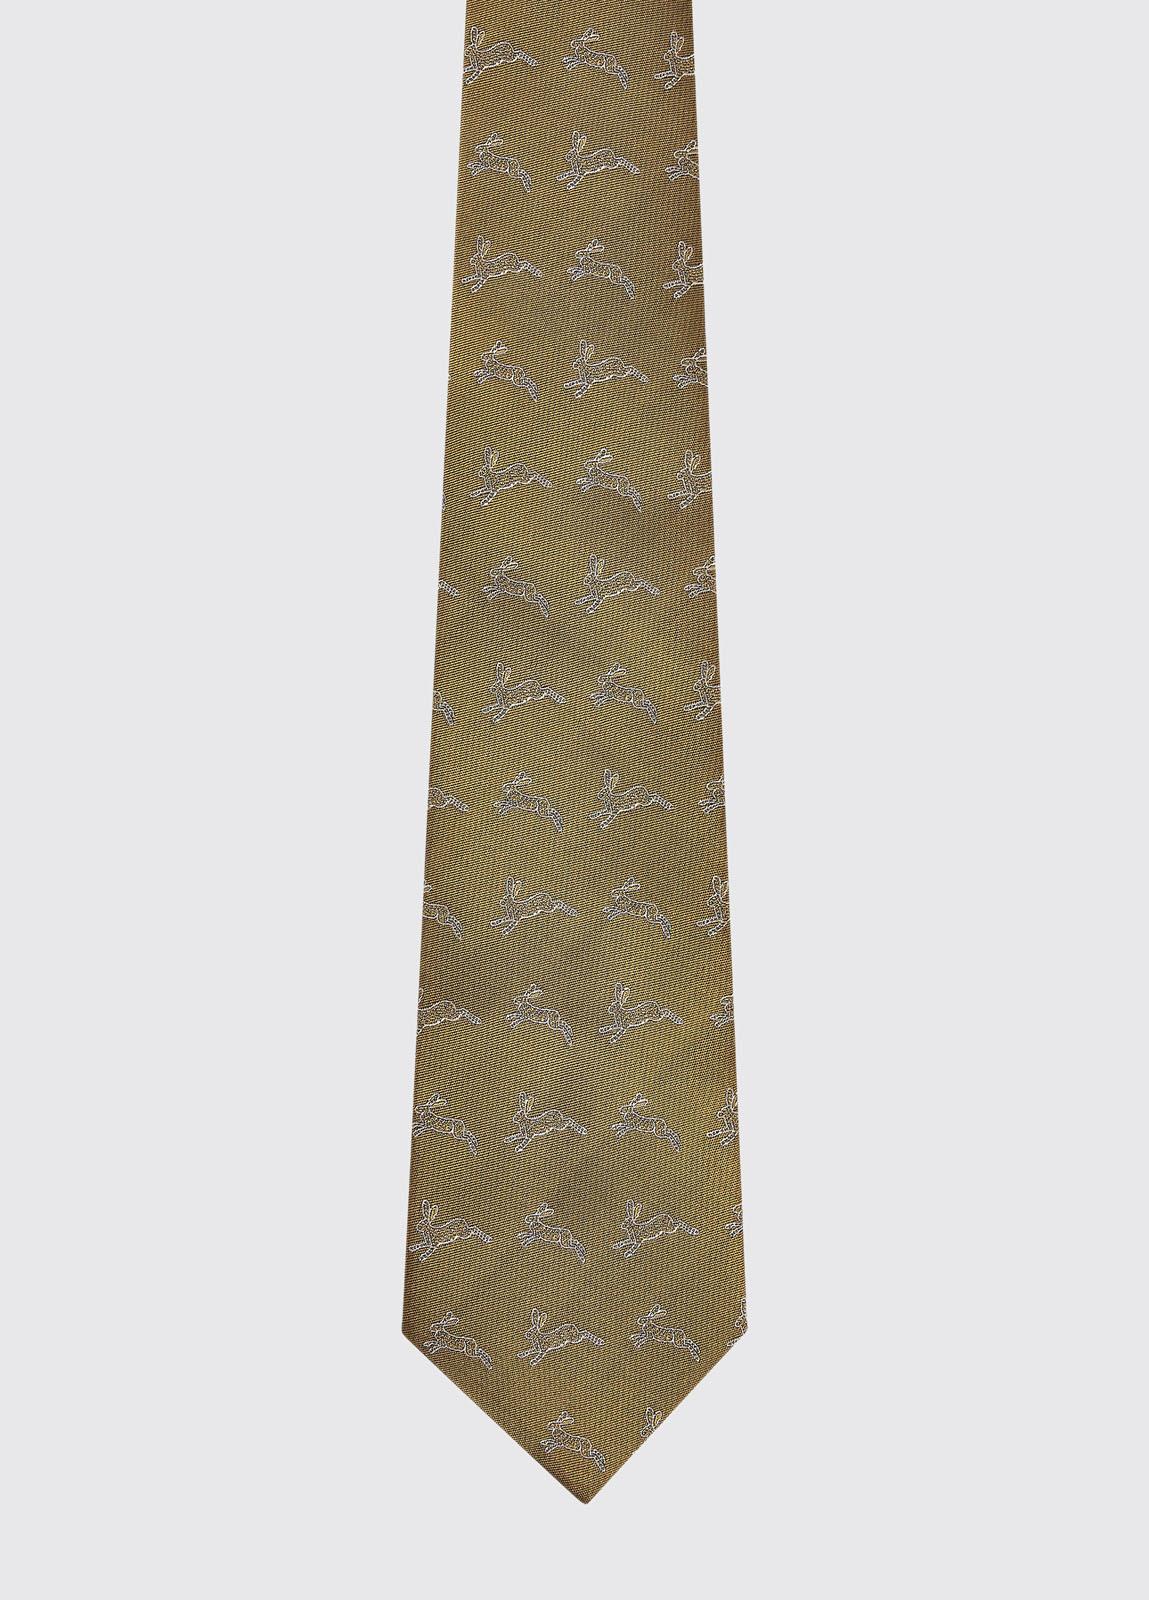 Lacken Silk Tie - Gold